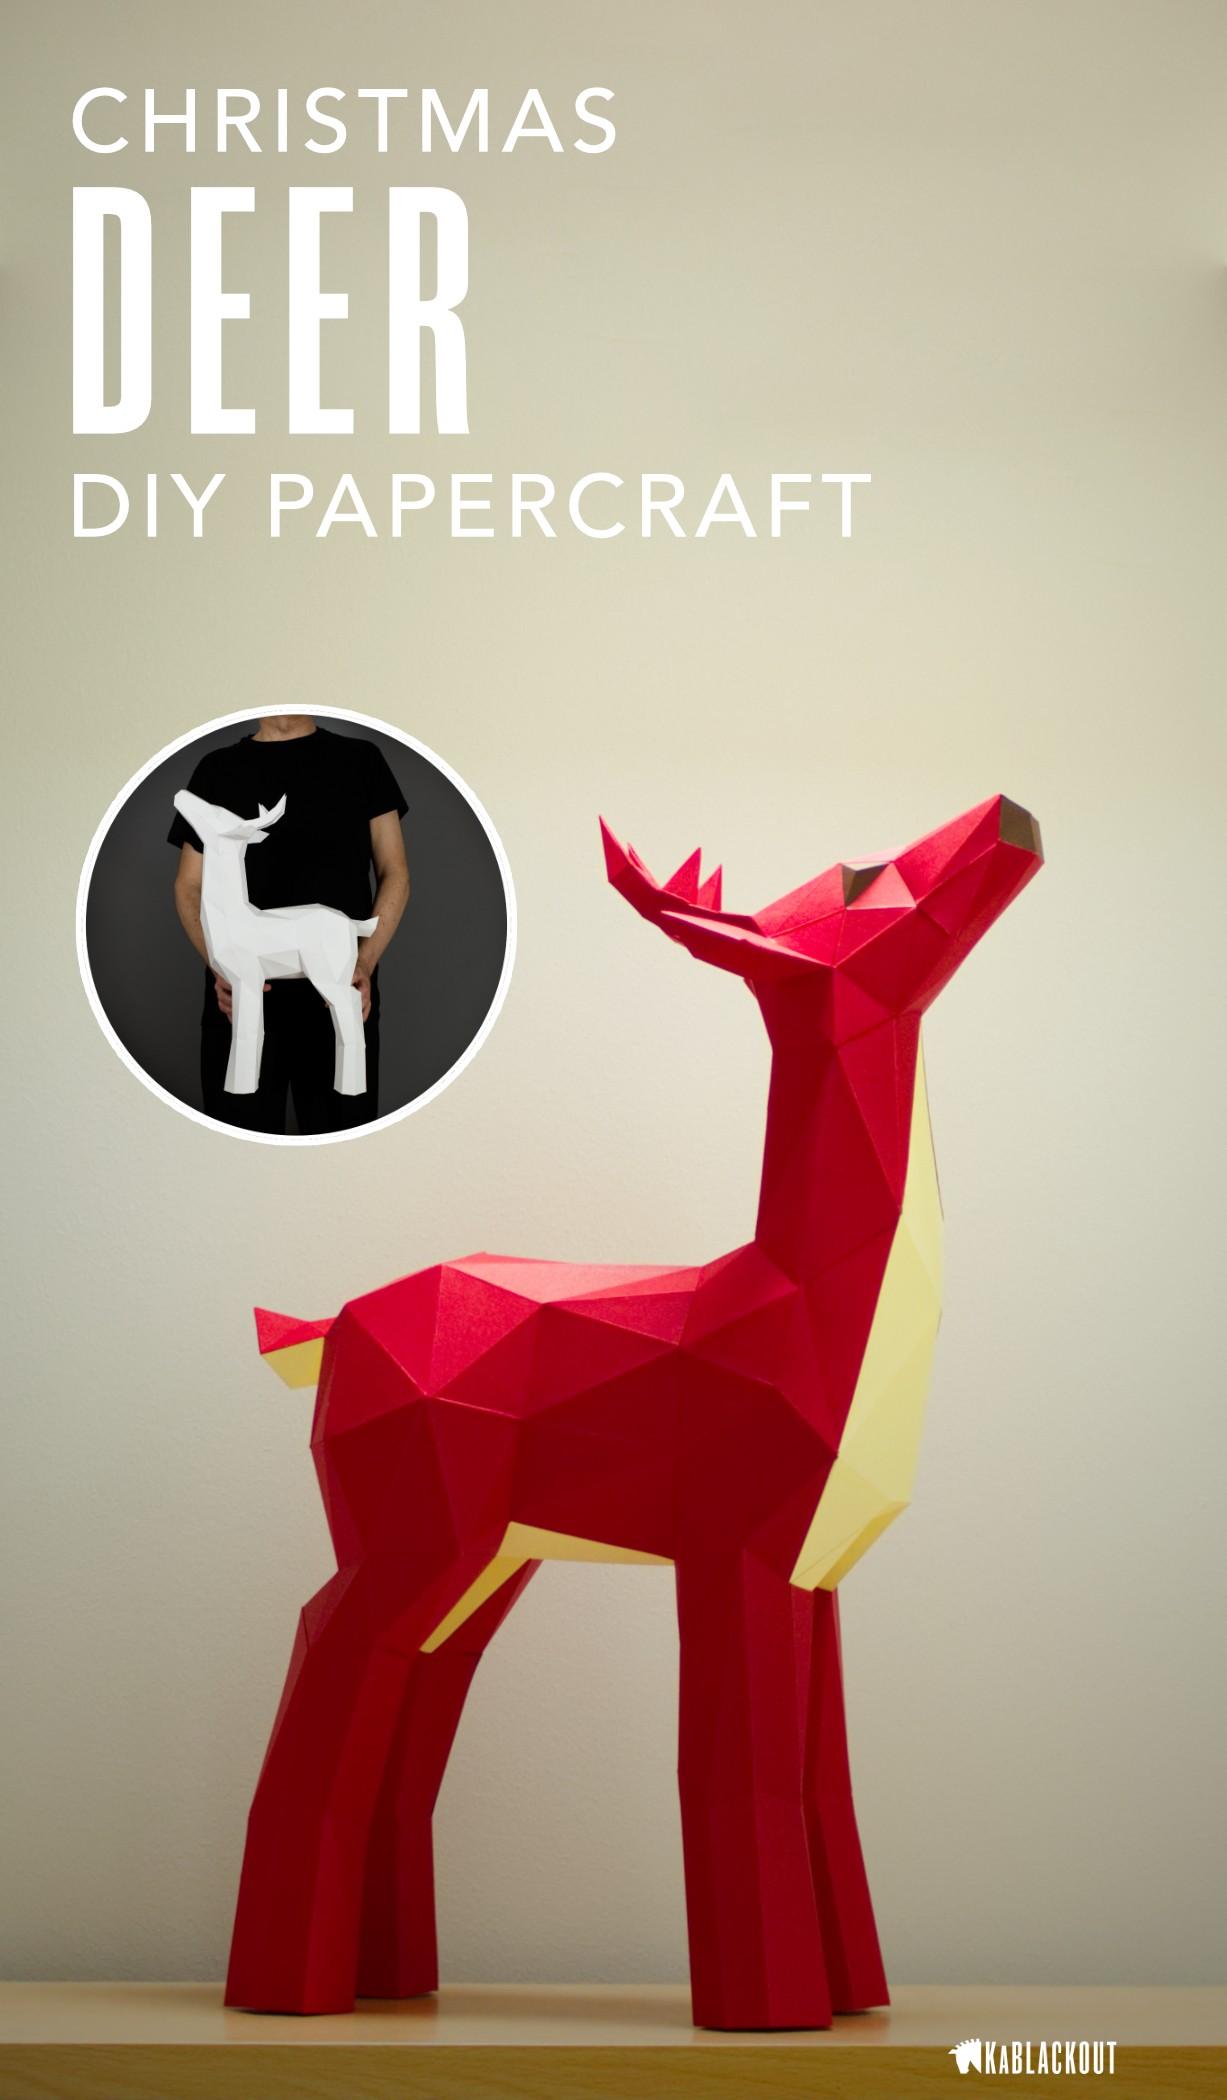 Model Papercraft Deer Papercraft Papercraft Deer Diy Deer Low Poly Deer Deer